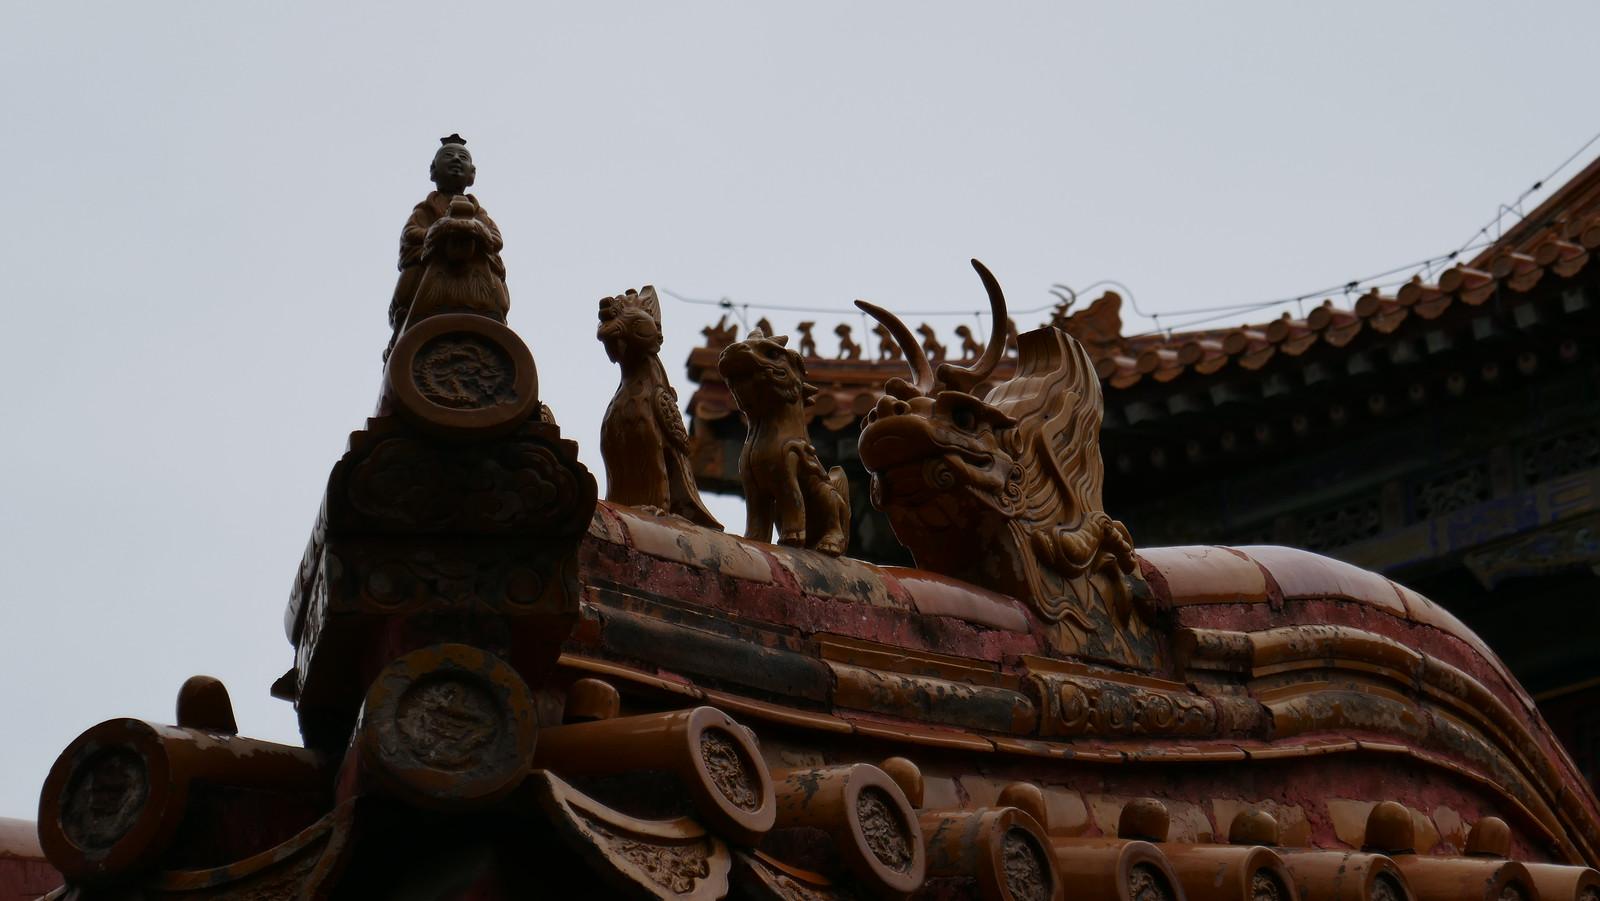 Figuras decorativas en los tejados de la Ciudad Prohibida, exclusivas de los edificios imperiales